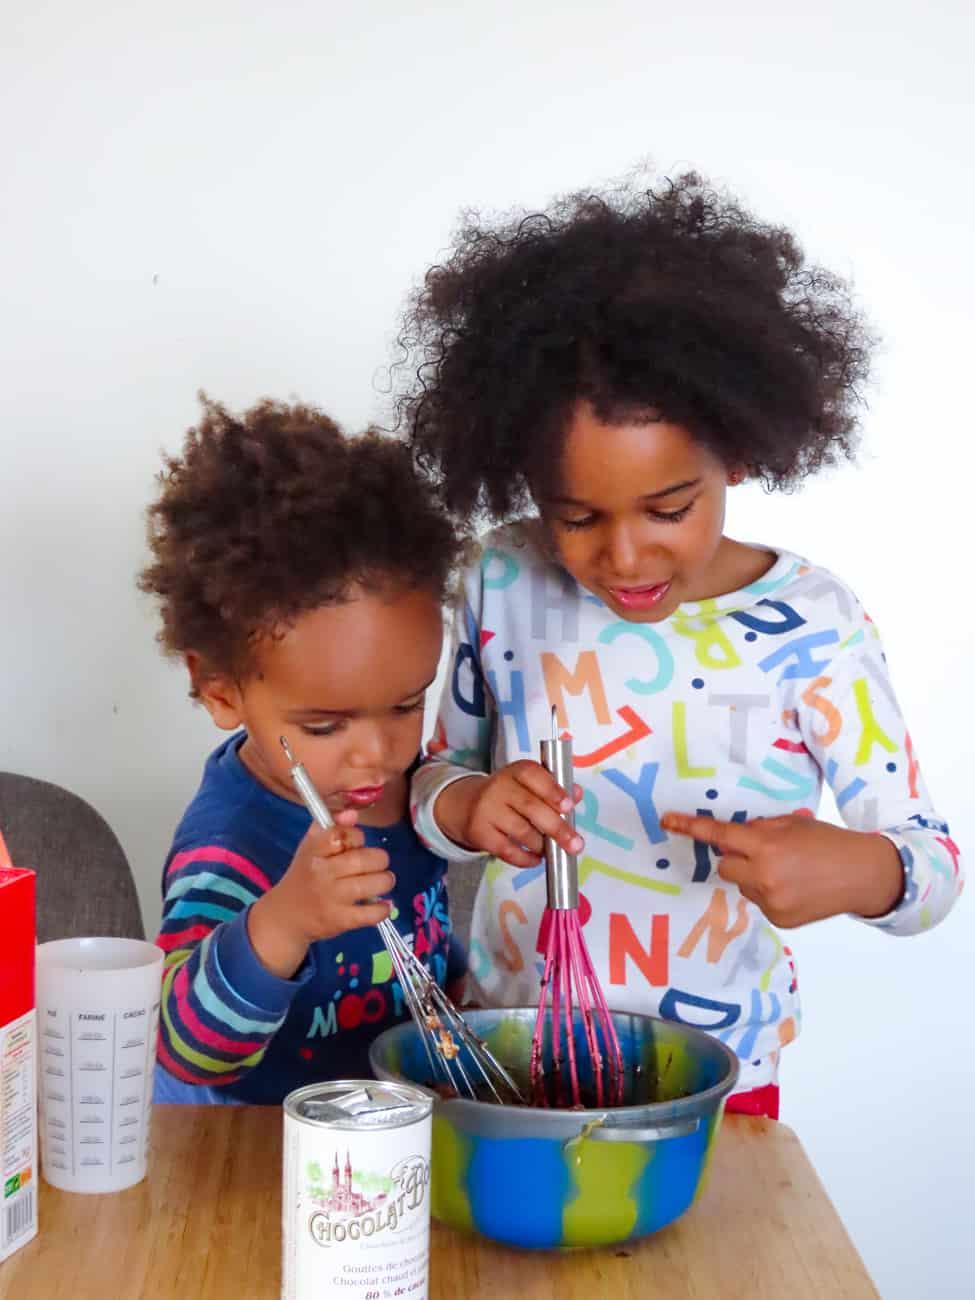 cuisiner-avec-enfants-recettes-12